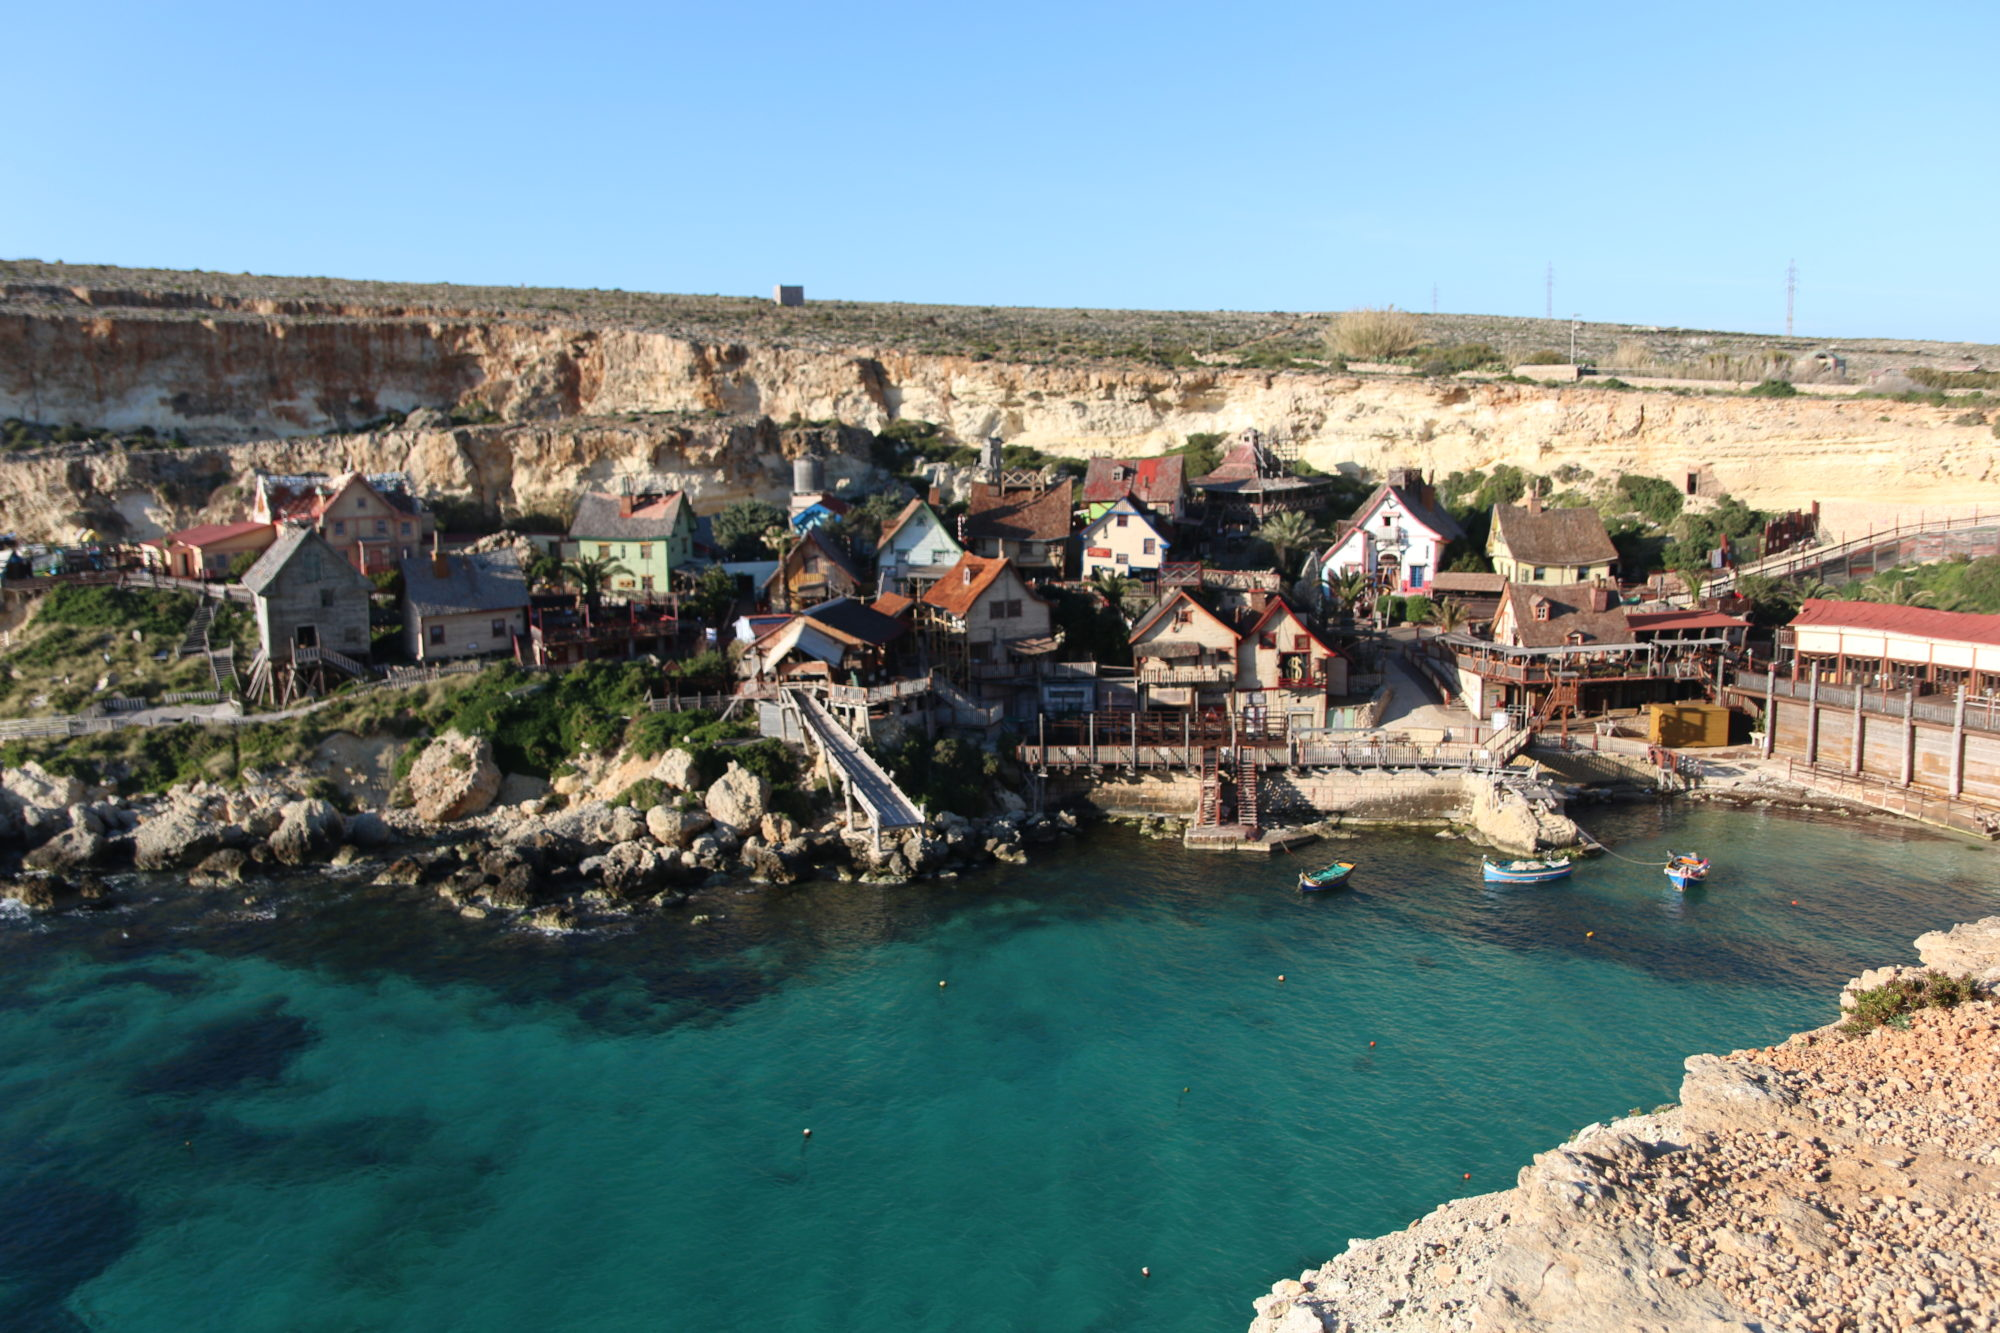 マルタ島北西部にある映画『ポパイ』の撮影地アミューズメントパークにもなっているポパイビレッジにゴゾ島の帰りにレンタカーで行く〜対岸からかわいい景色を眺める〜